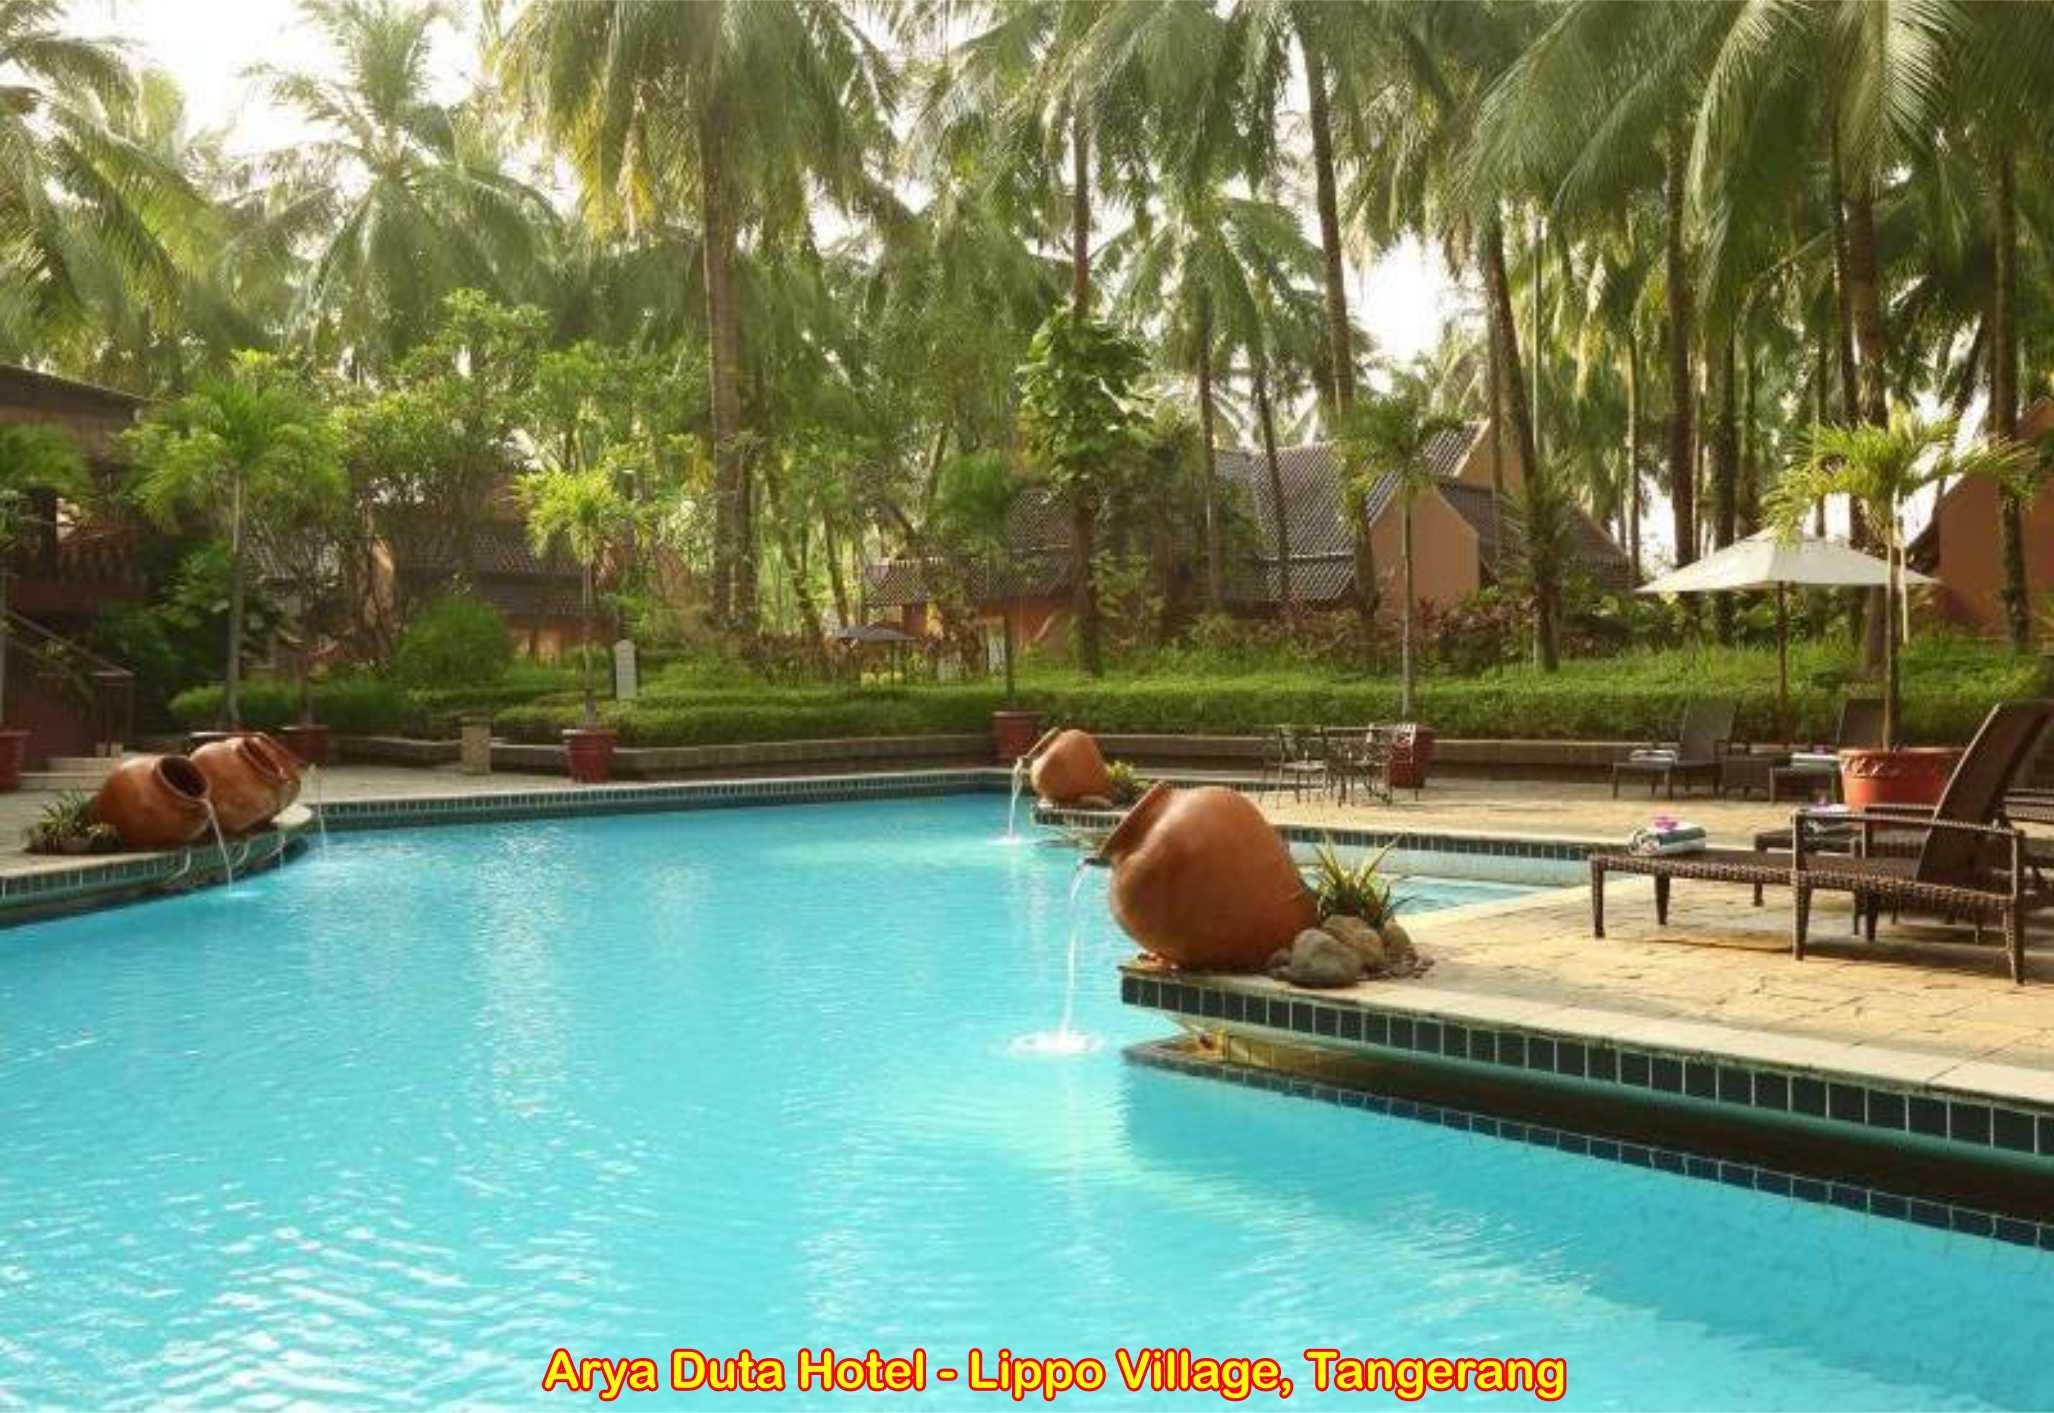 Aryaduta Lippo Village, Tangerang - Indonesia 1